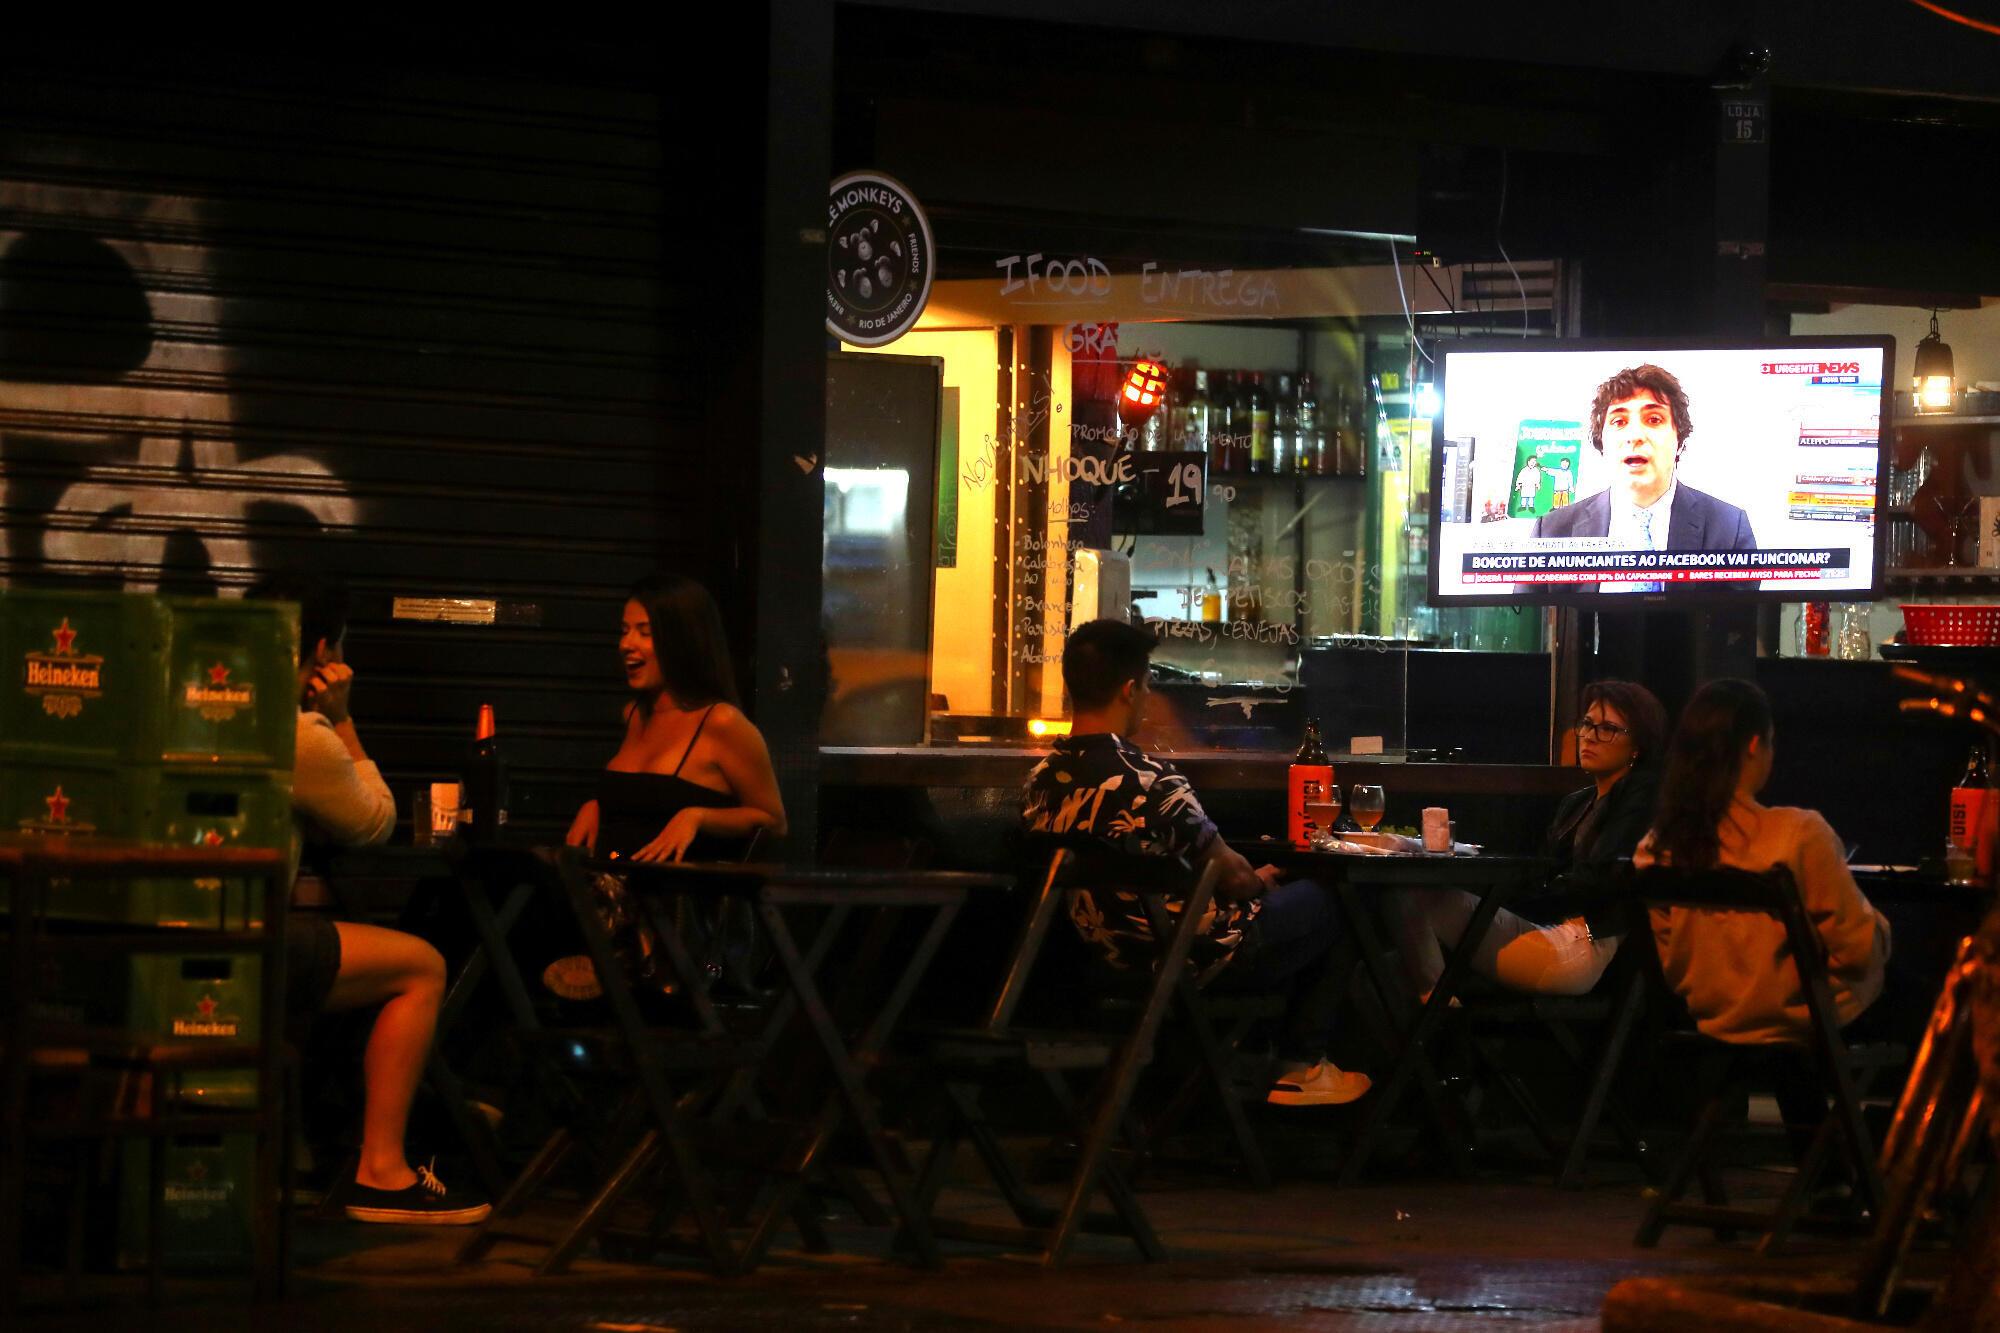 Dans un bar à Rio de Janeiro  qui a rouvert alors que la crise sanitaire est encore importante au Brésil, le 3 juillet 2020.